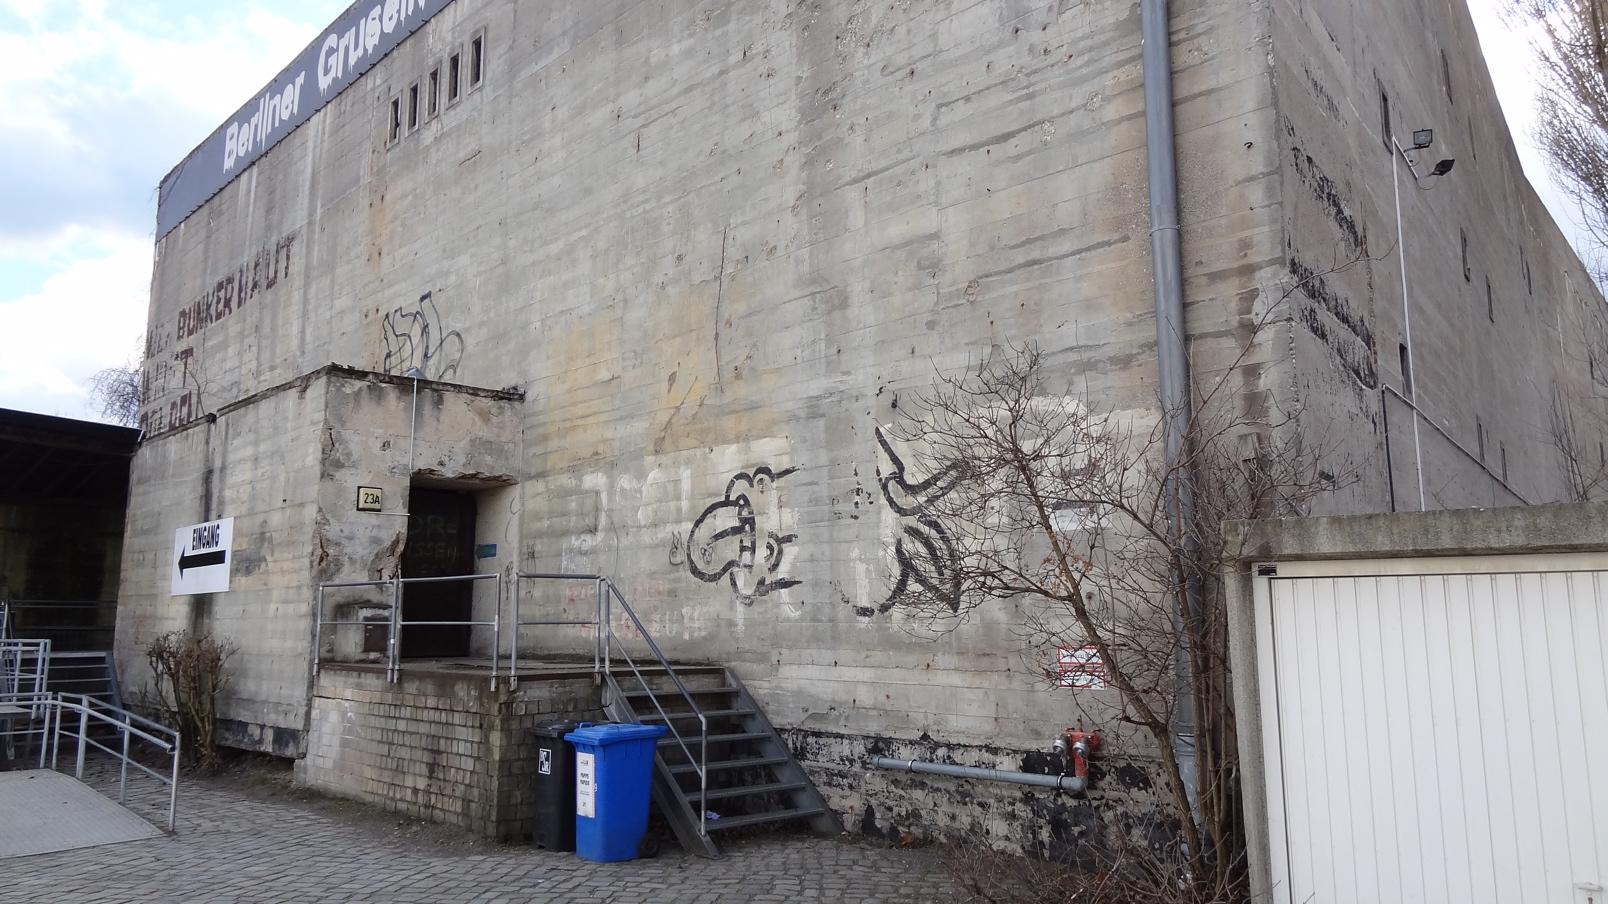 Bild Anhalter Hochbunker Berlin